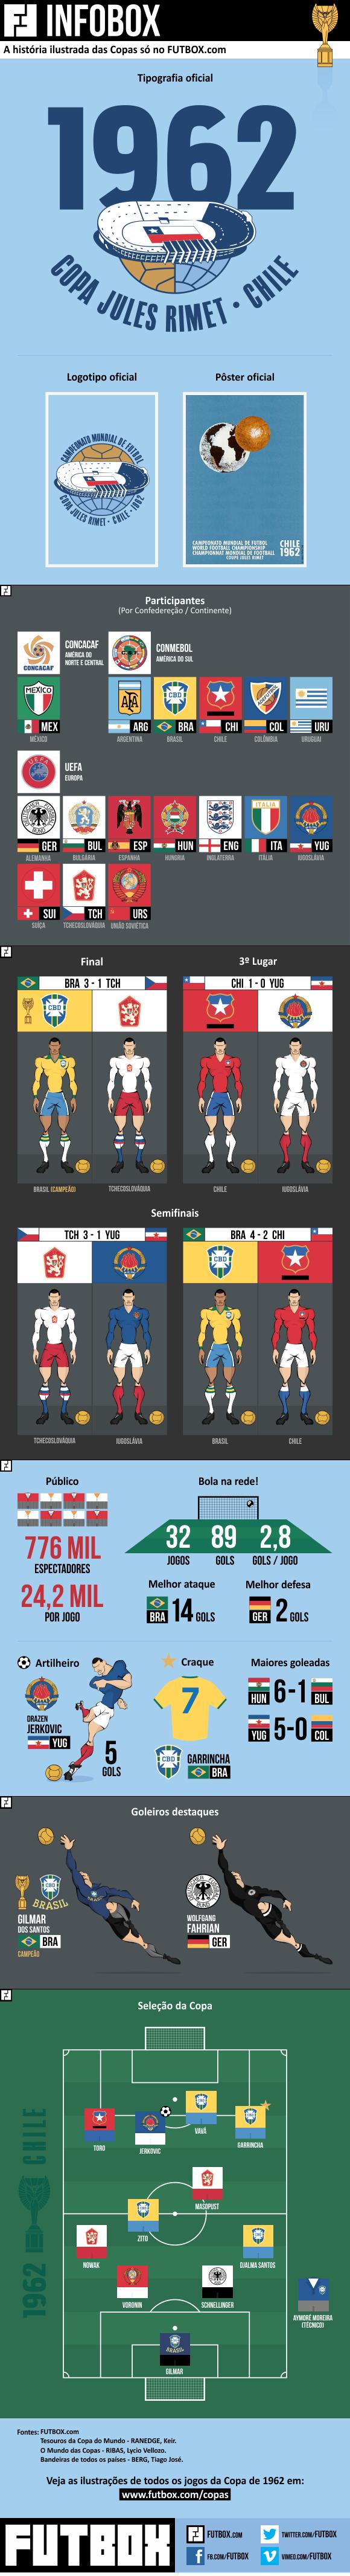 Infobox Copa do Mundo de 62